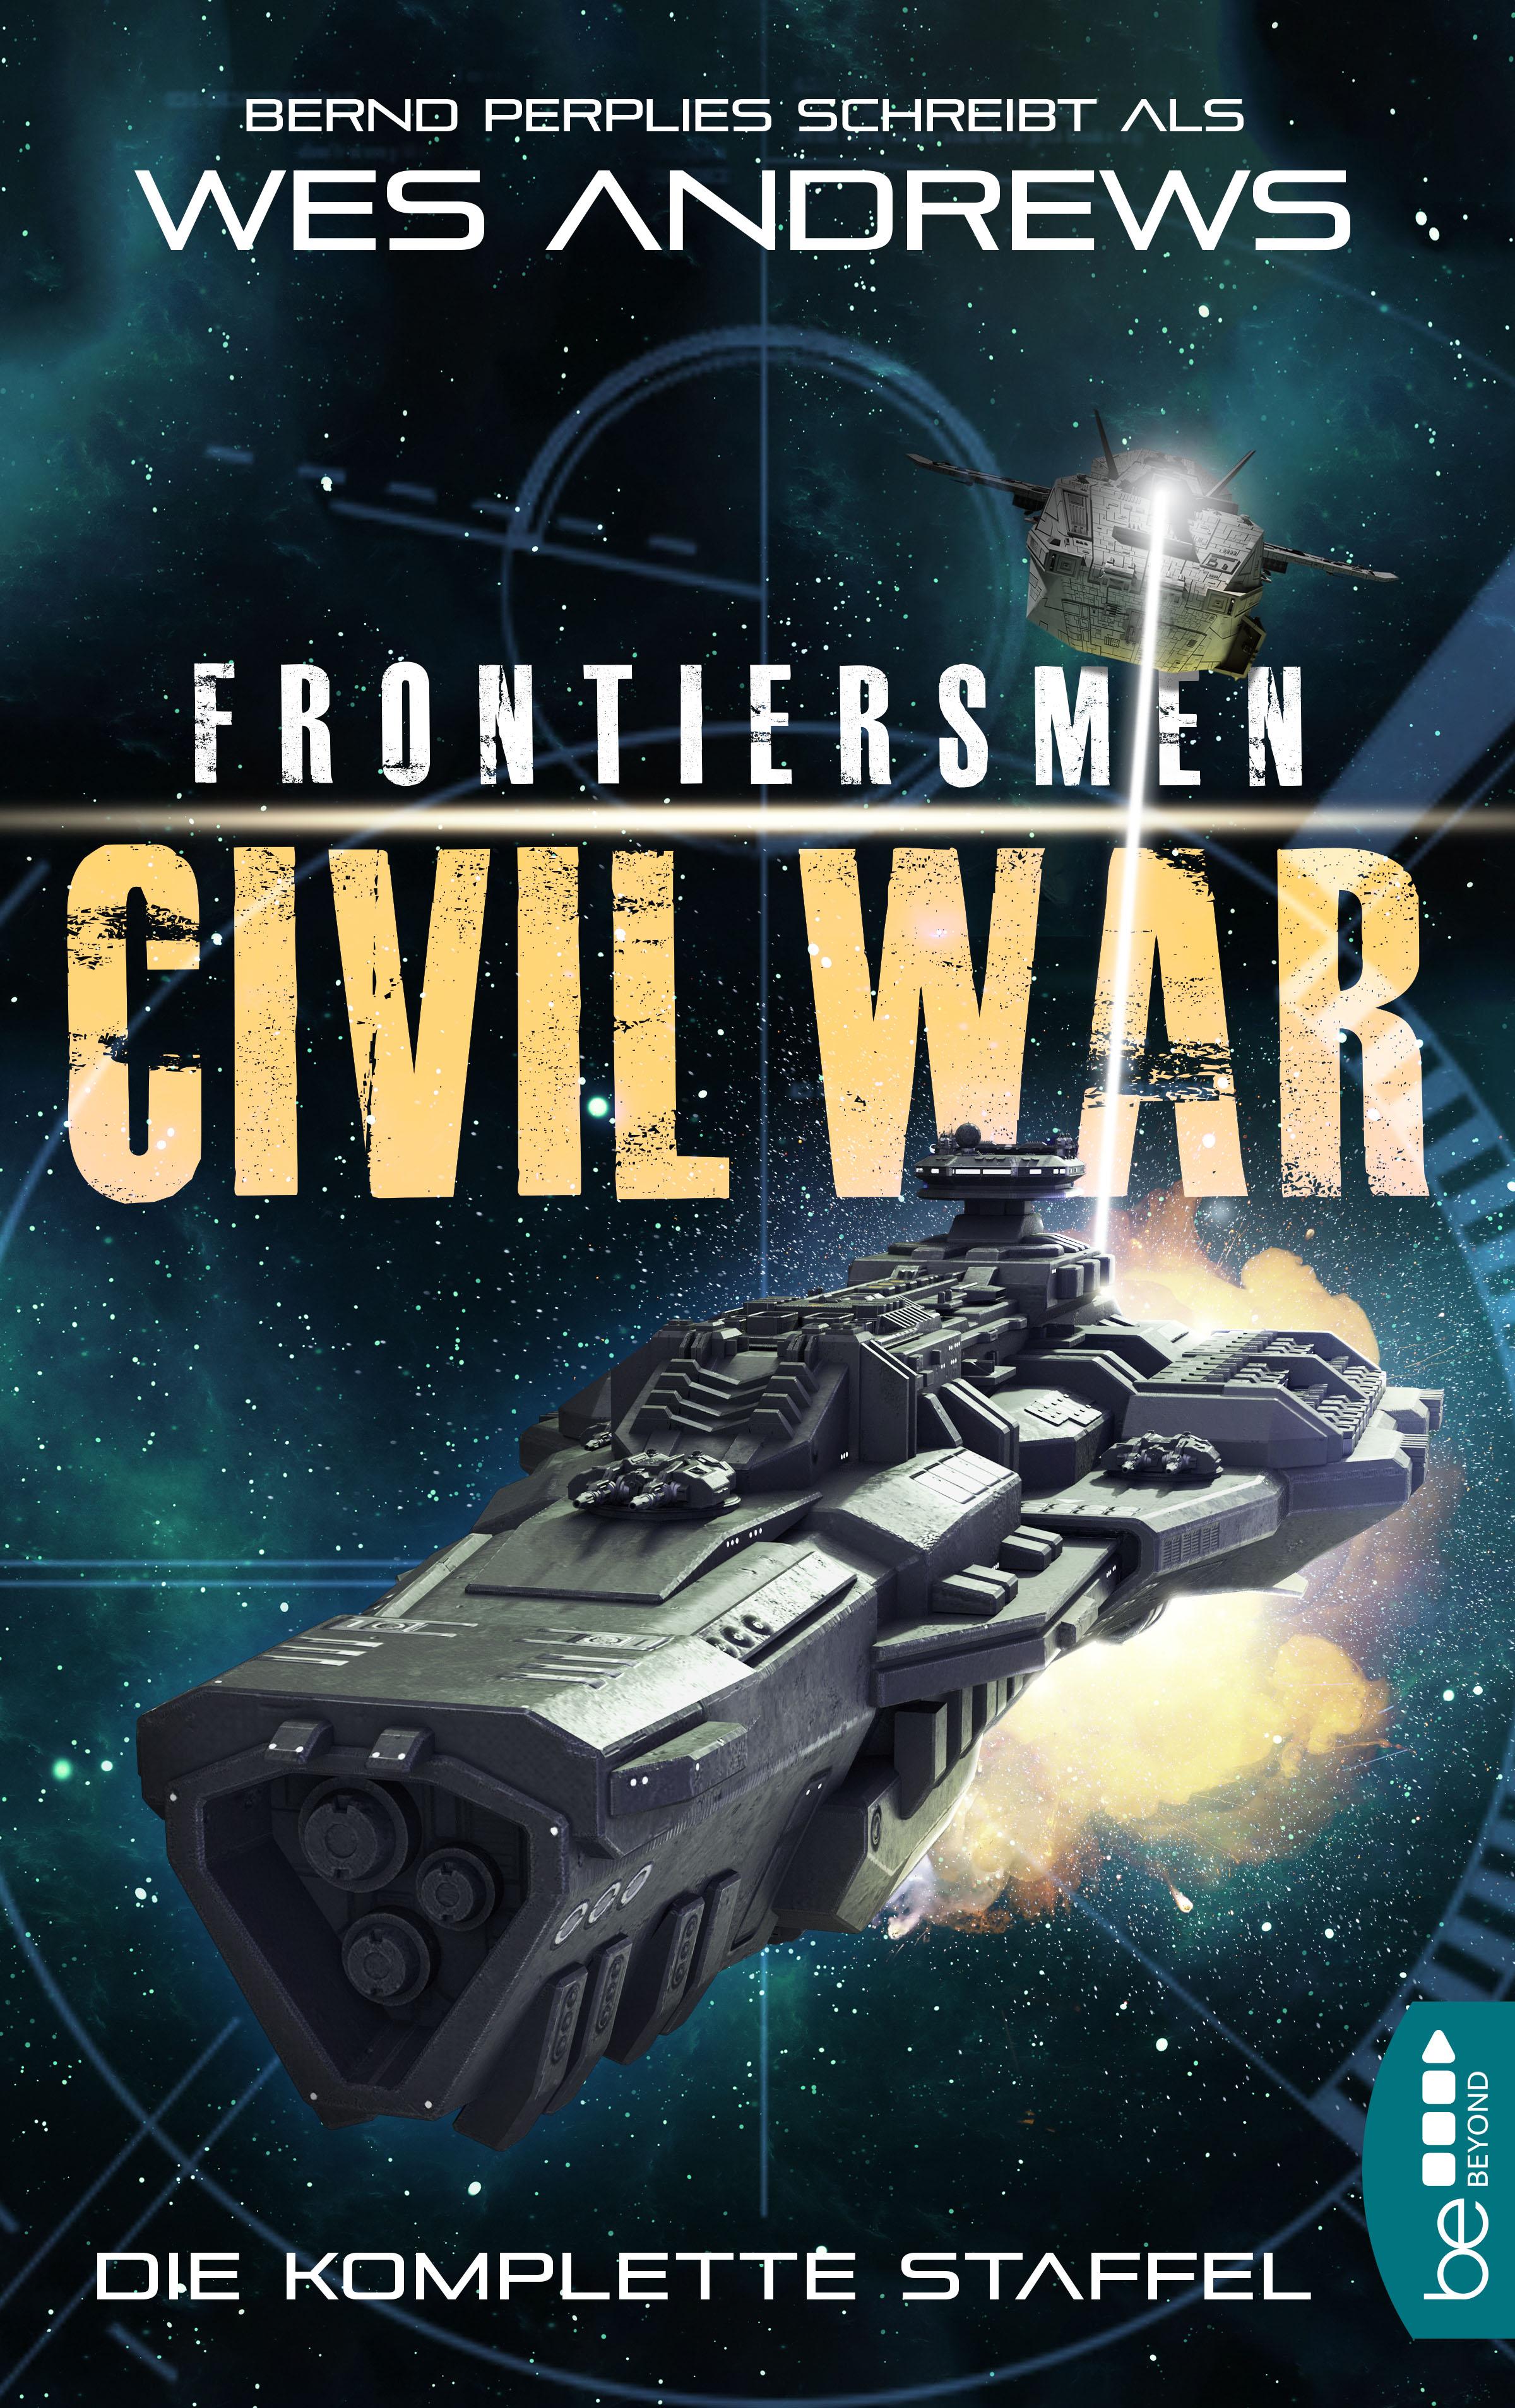 andrews_wes_frontiersmen_civilwar_staffel1_phantastik-autoren-netzwerk.jpg